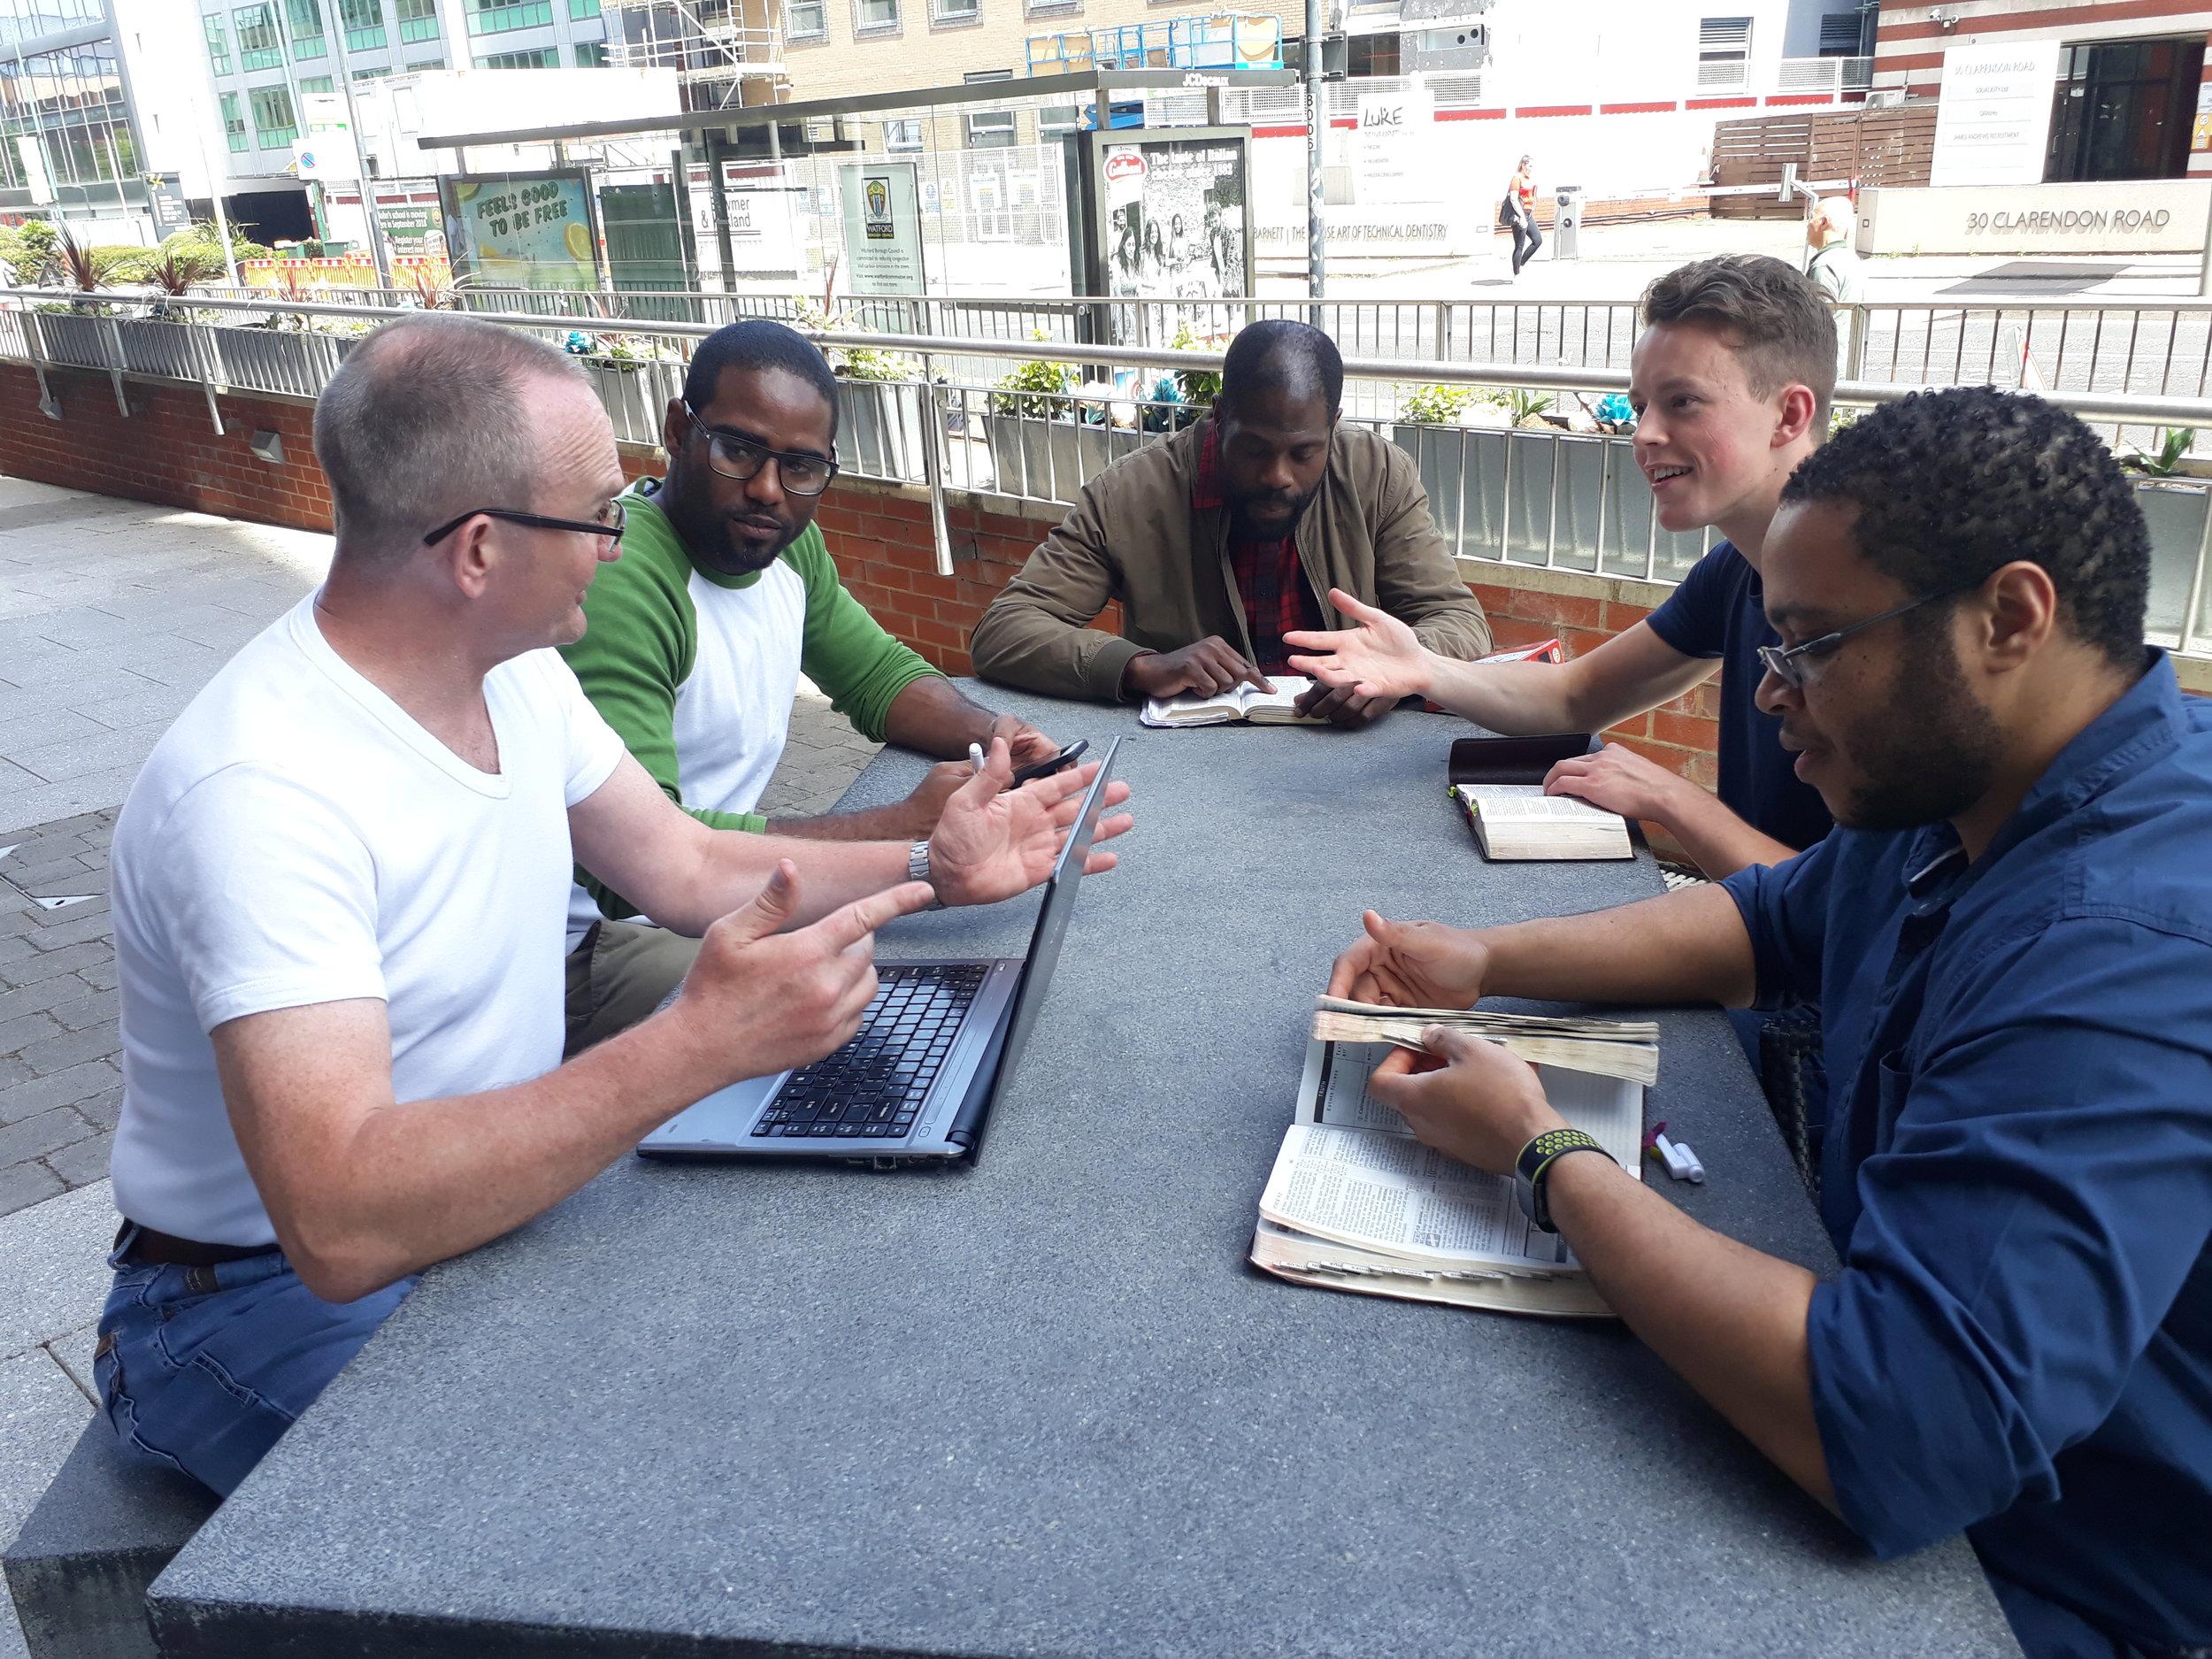 A MEN'S CONNECT GROUP